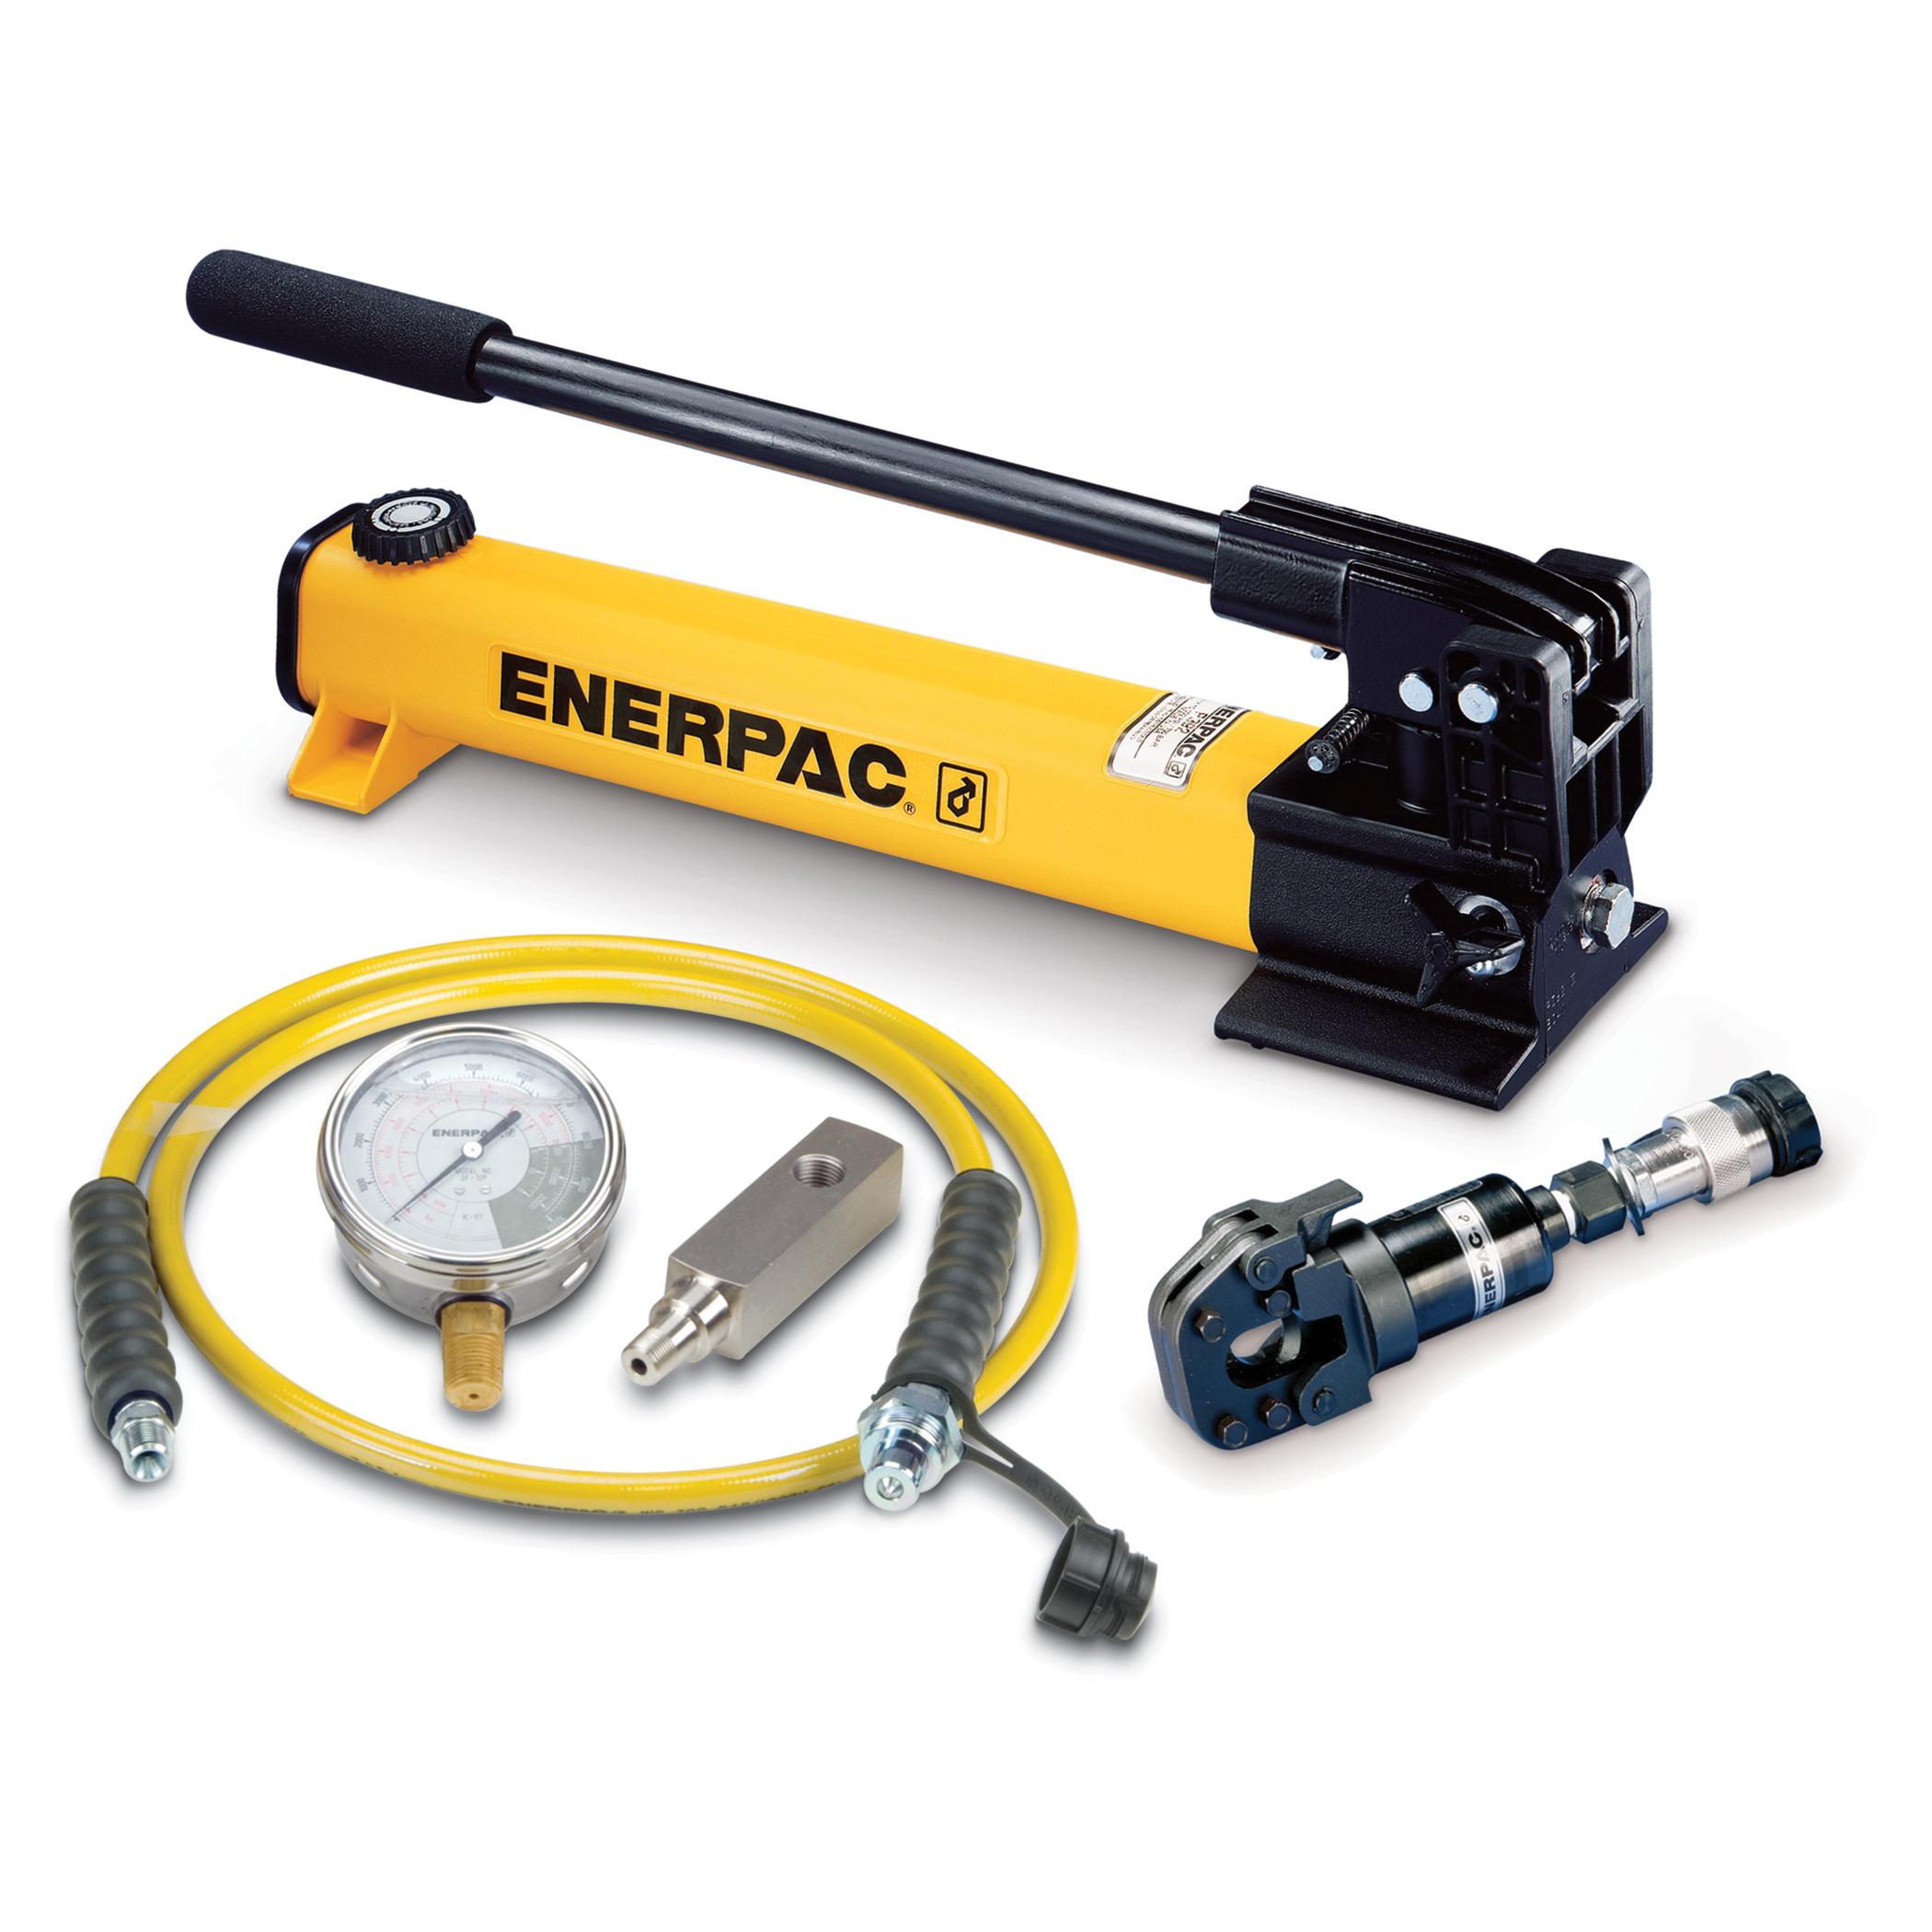 Enerpac® STC1250H